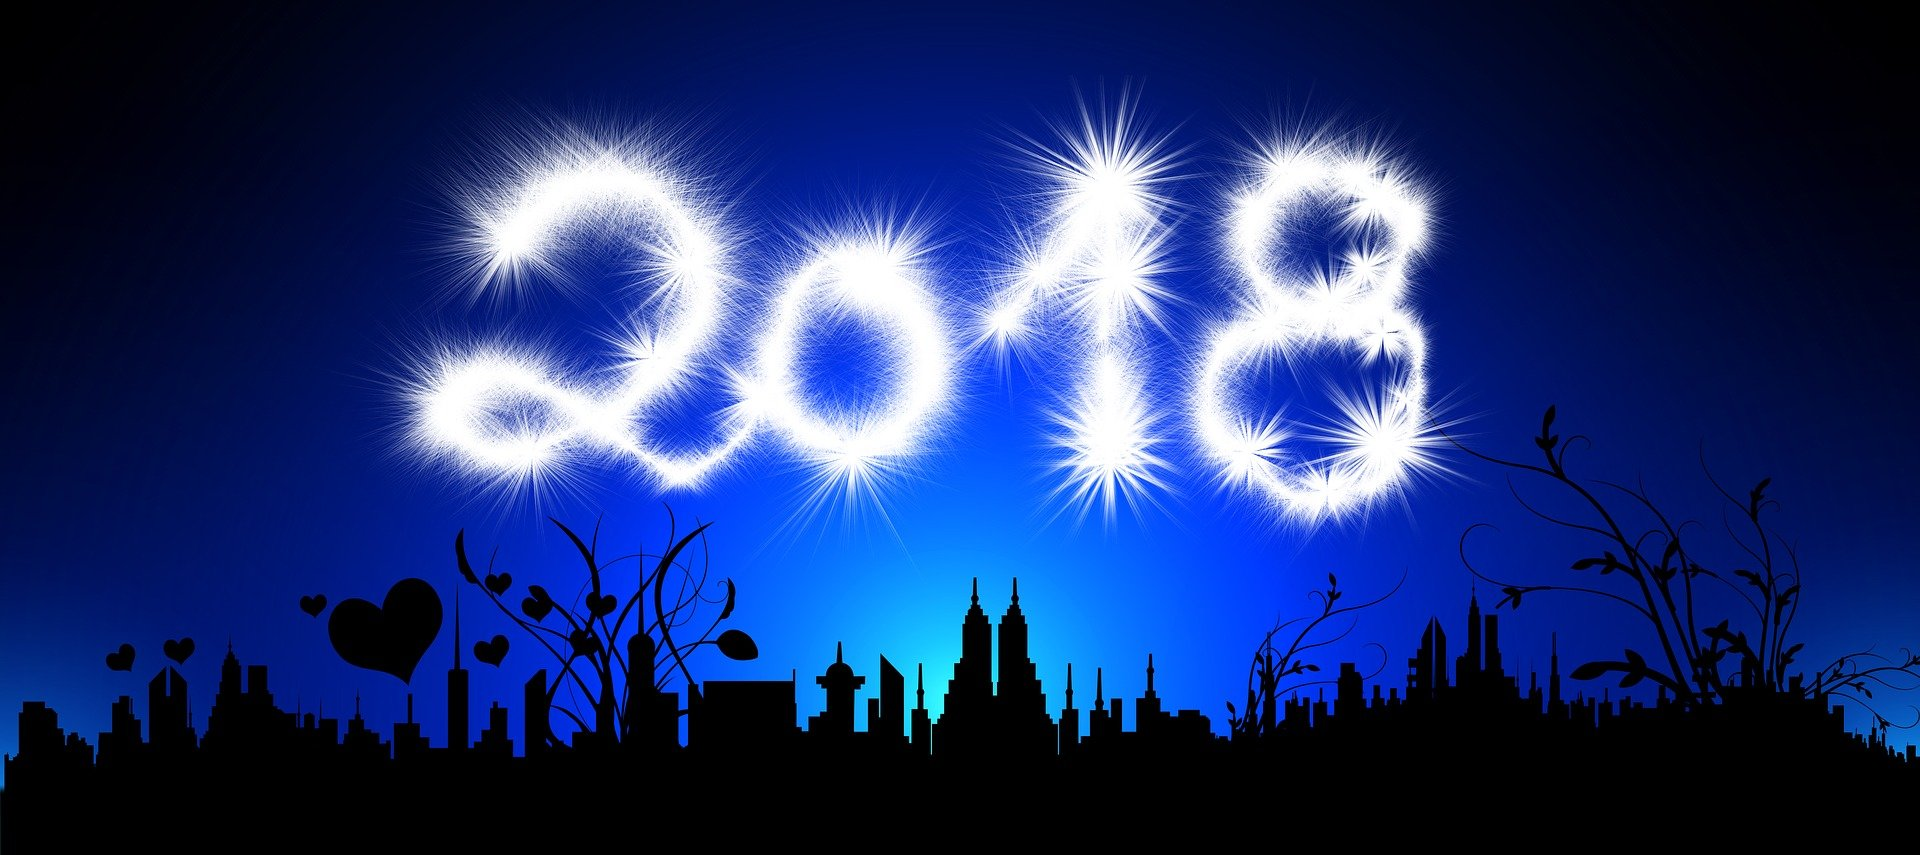 AutoRoad.cz přeje vše nejlepší do nového roku.